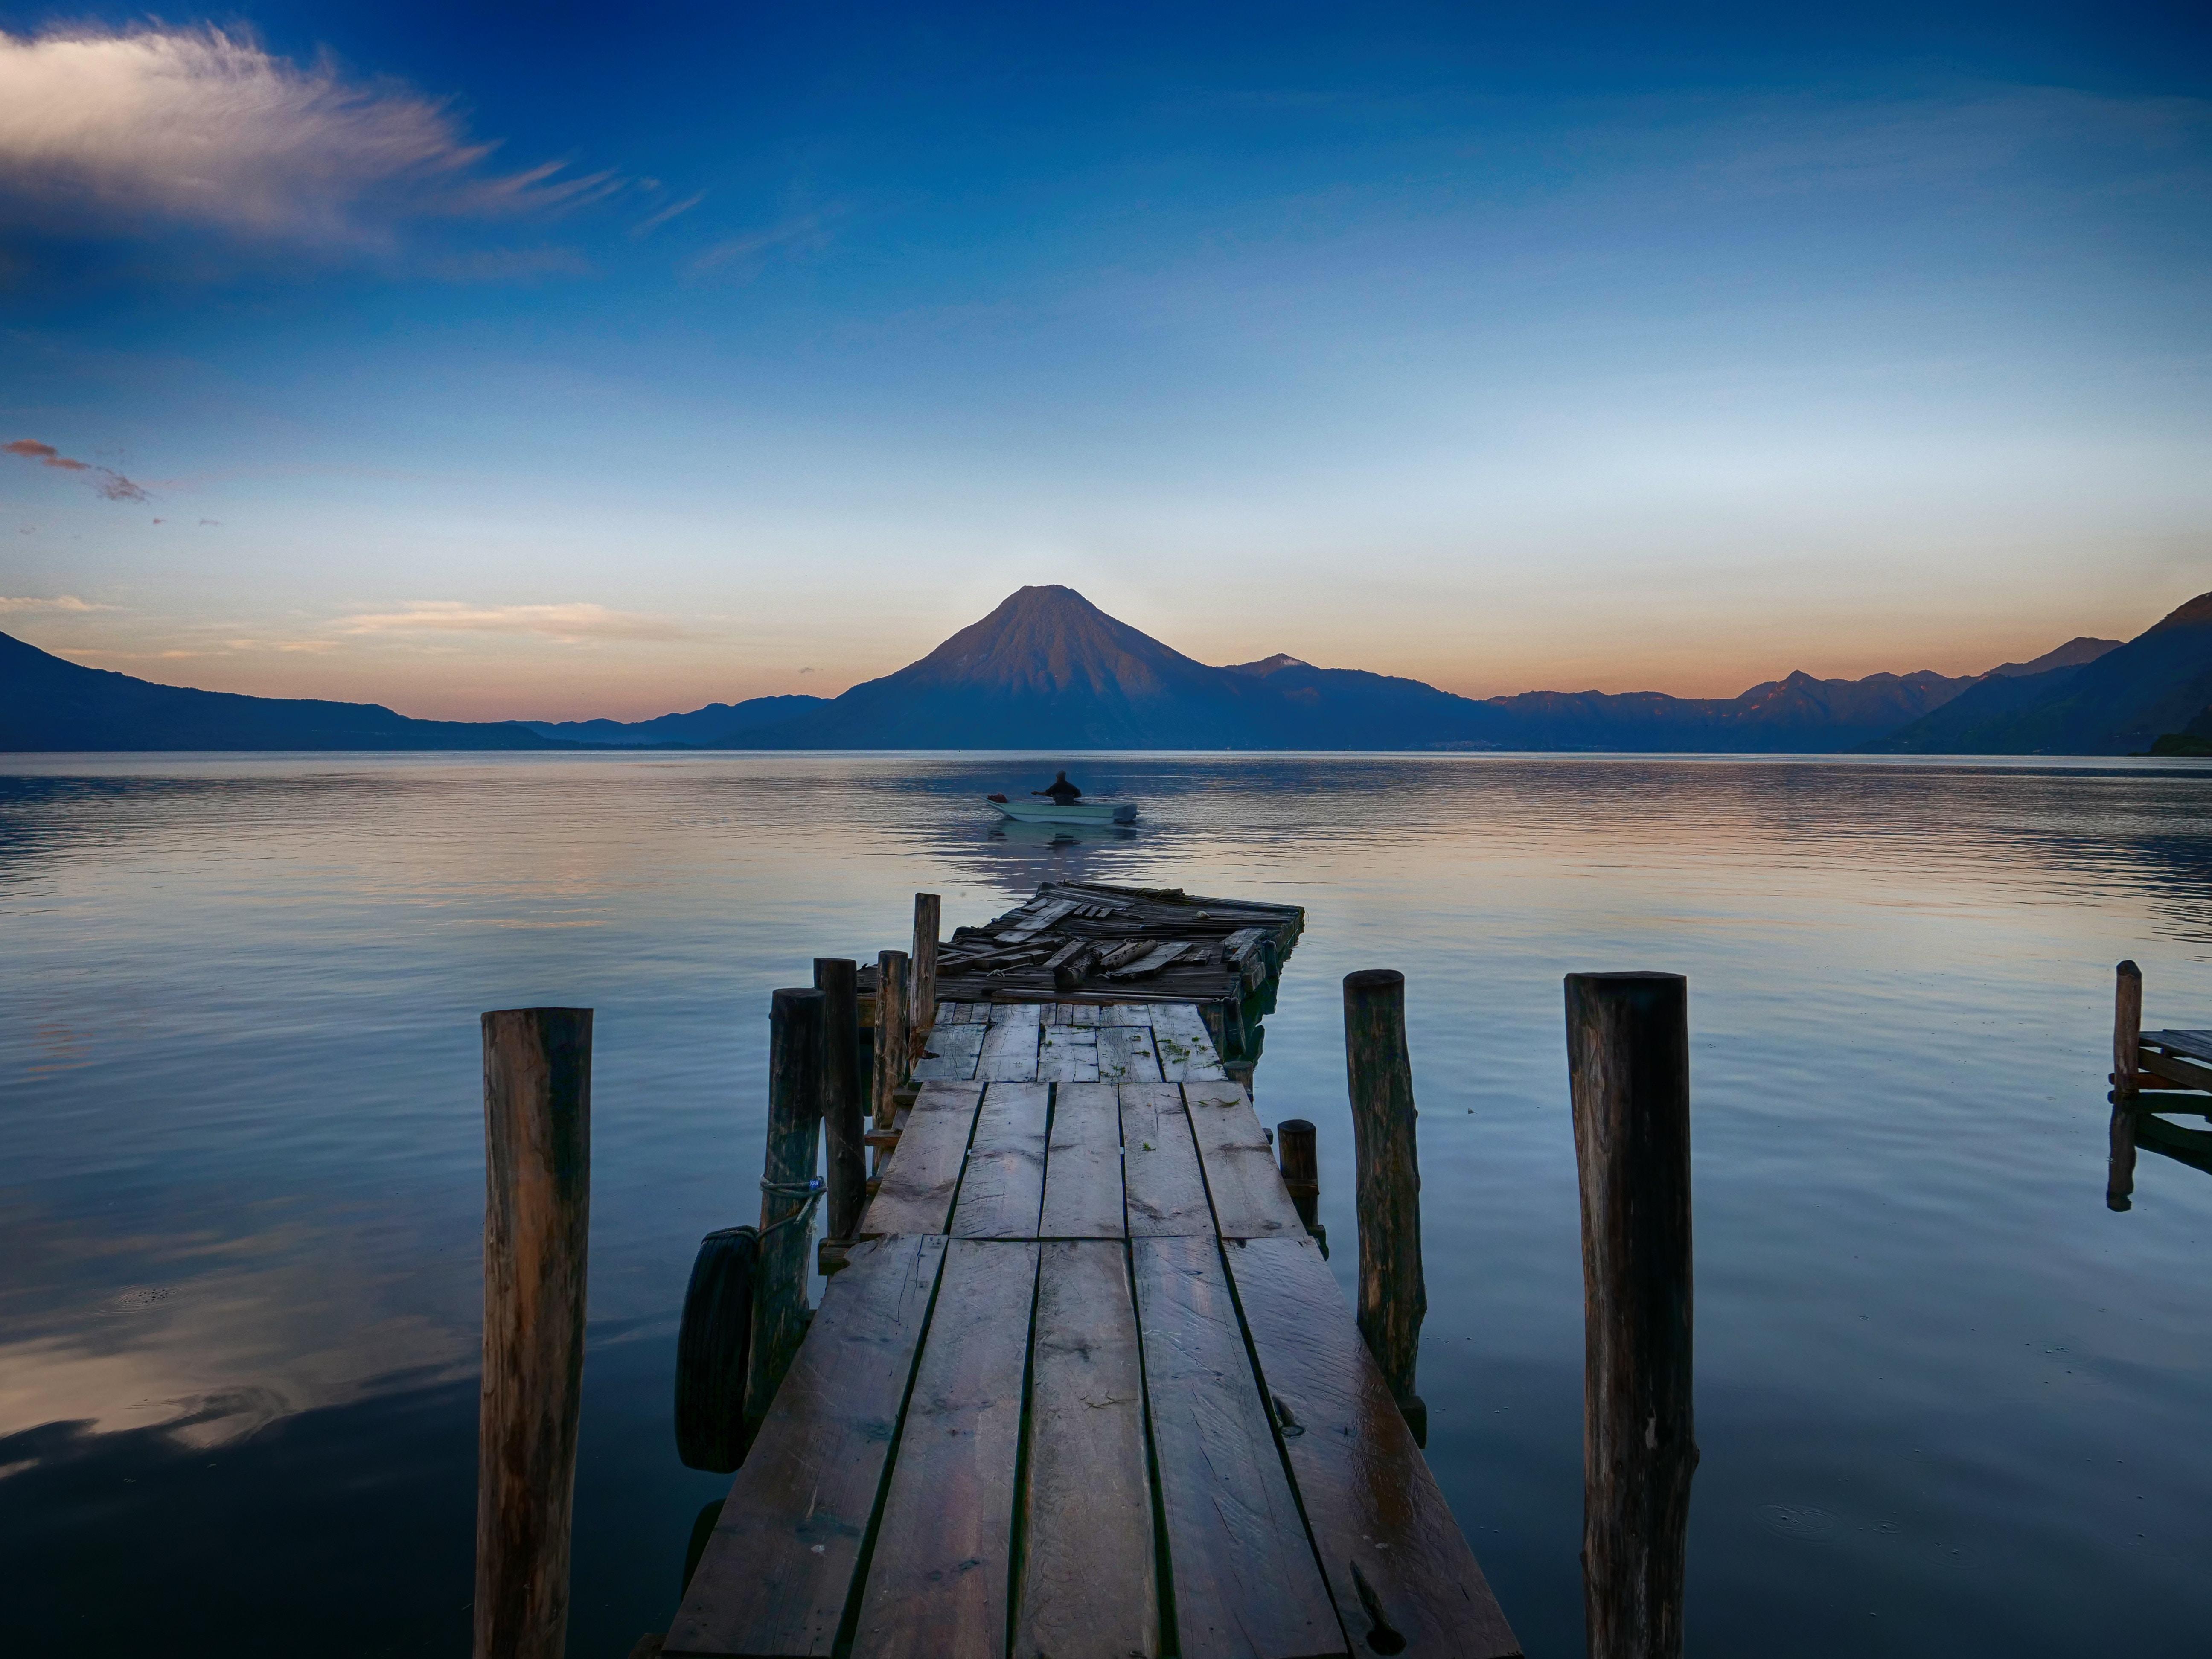 Familienentscheidung in 5 Schritten: Gegen einen Job in Guatemala